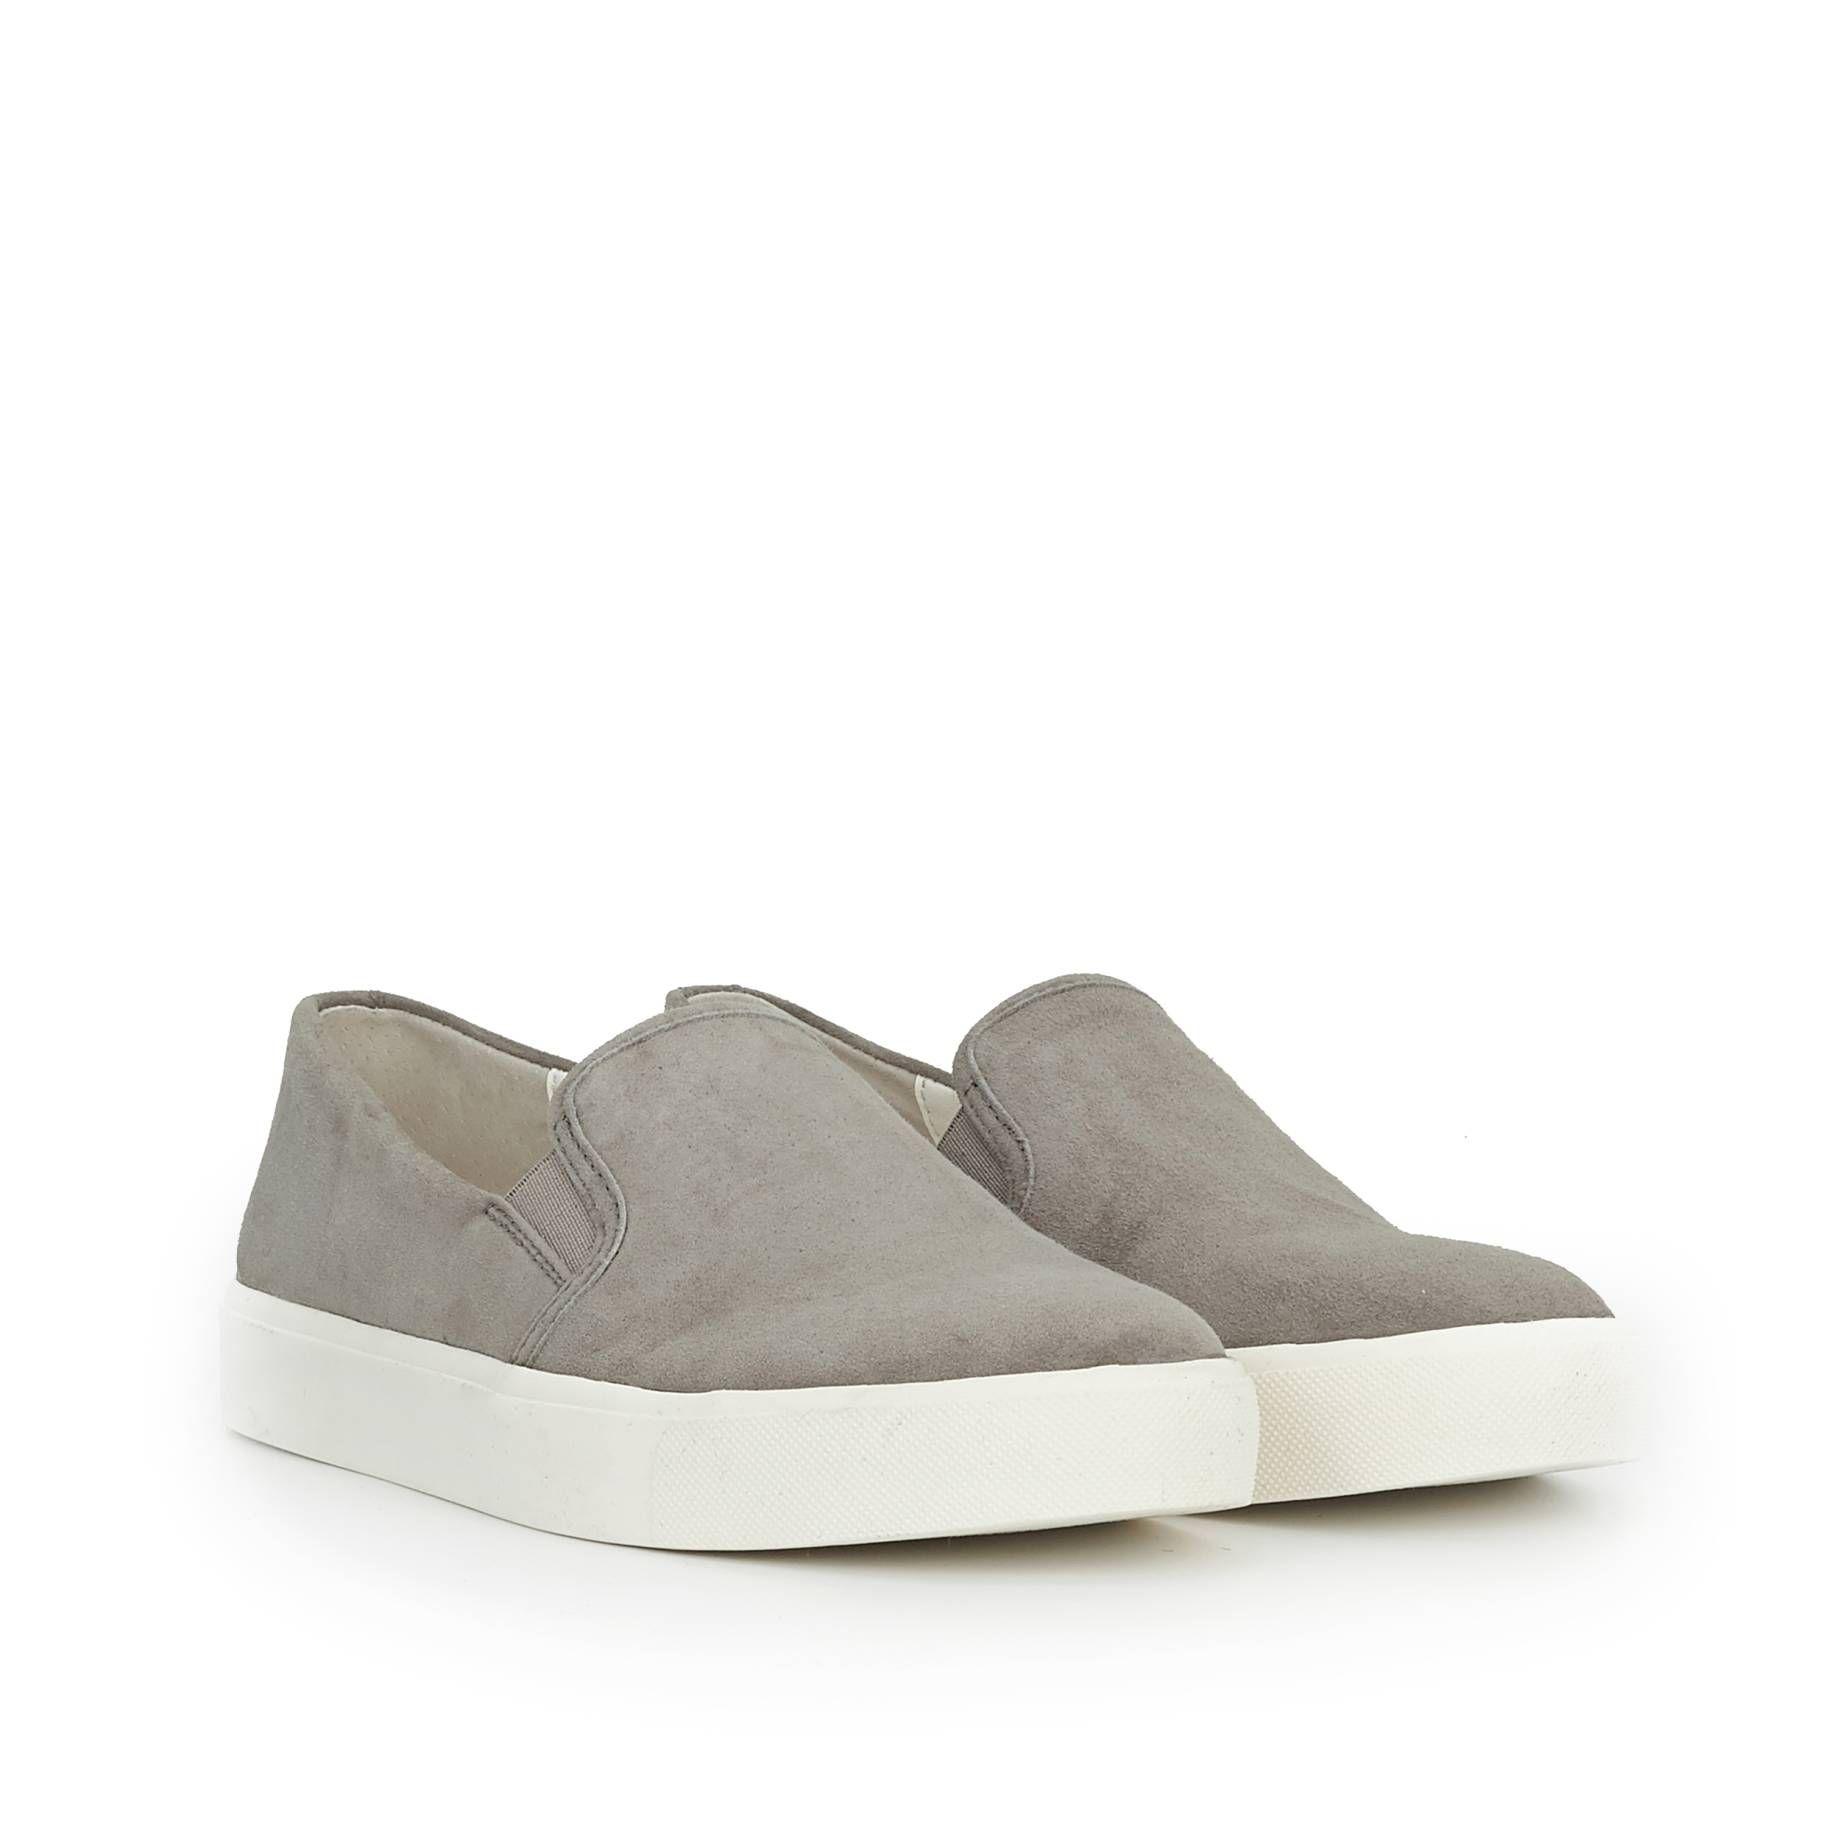 37d7013b9 Elton Slip-On Sneaker by Sam Edelman - - View 1